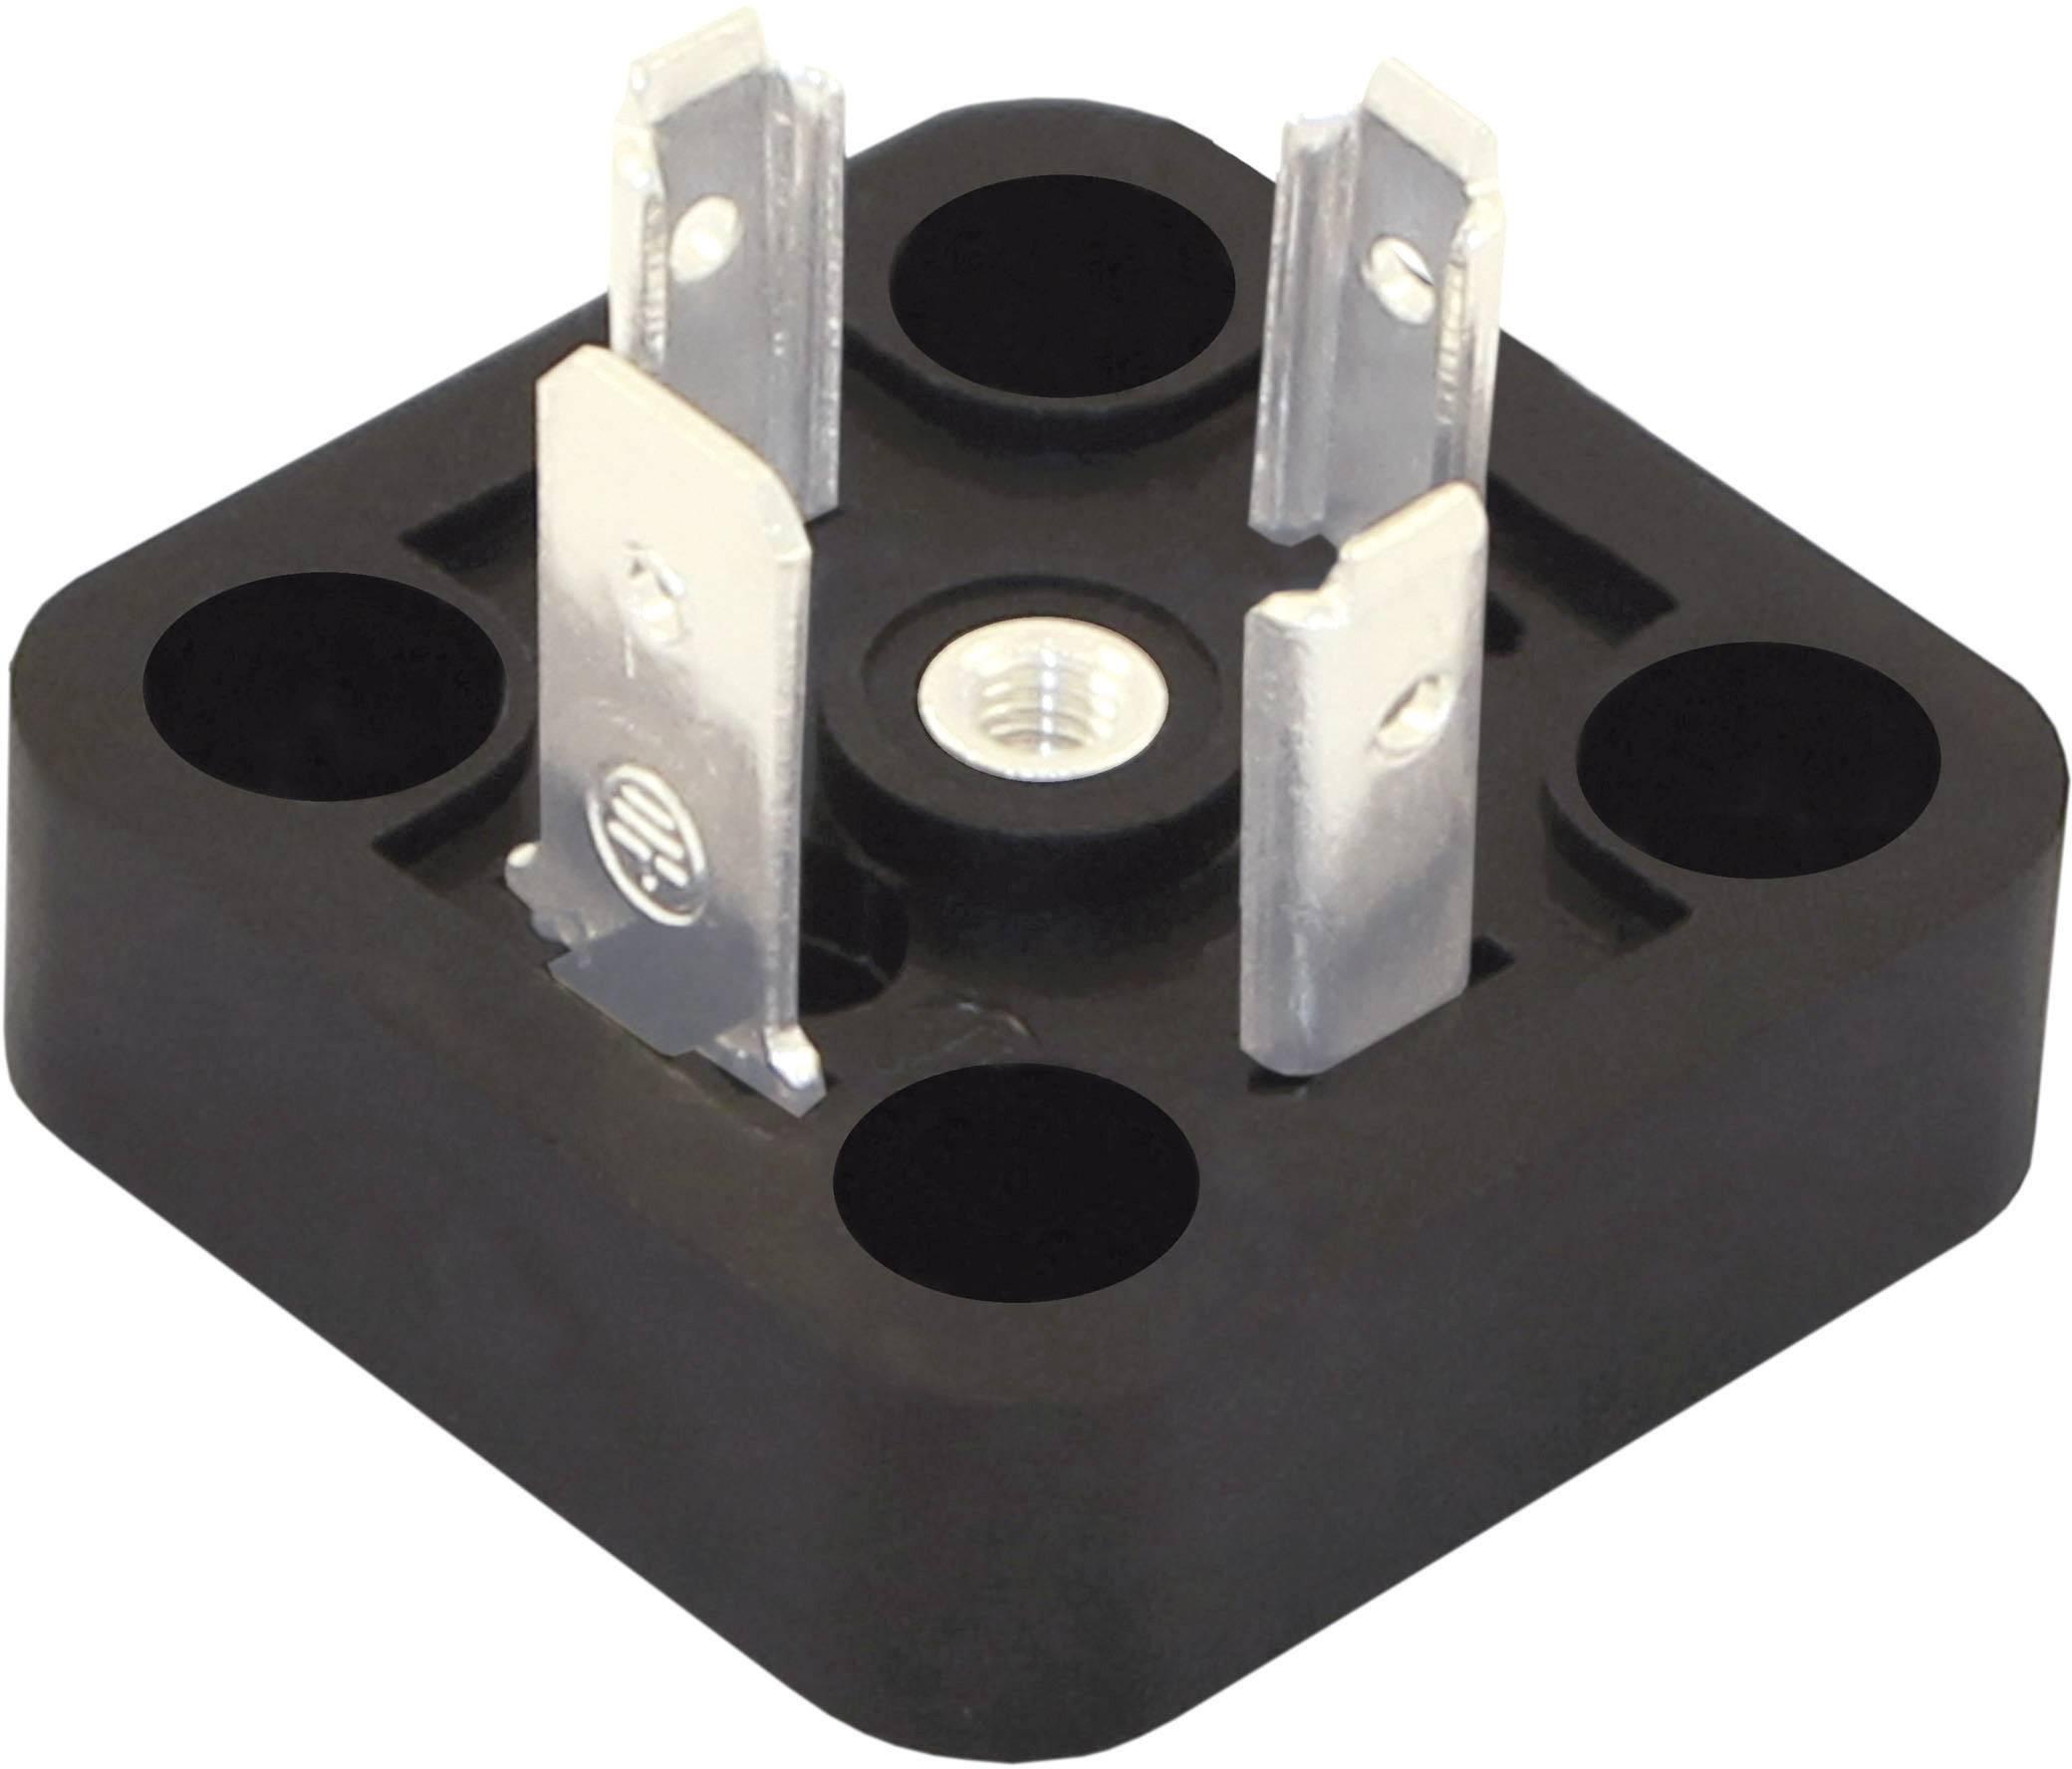 Ventilový konektor HTP BG1N03000-HT, IP67 (namontované), černá